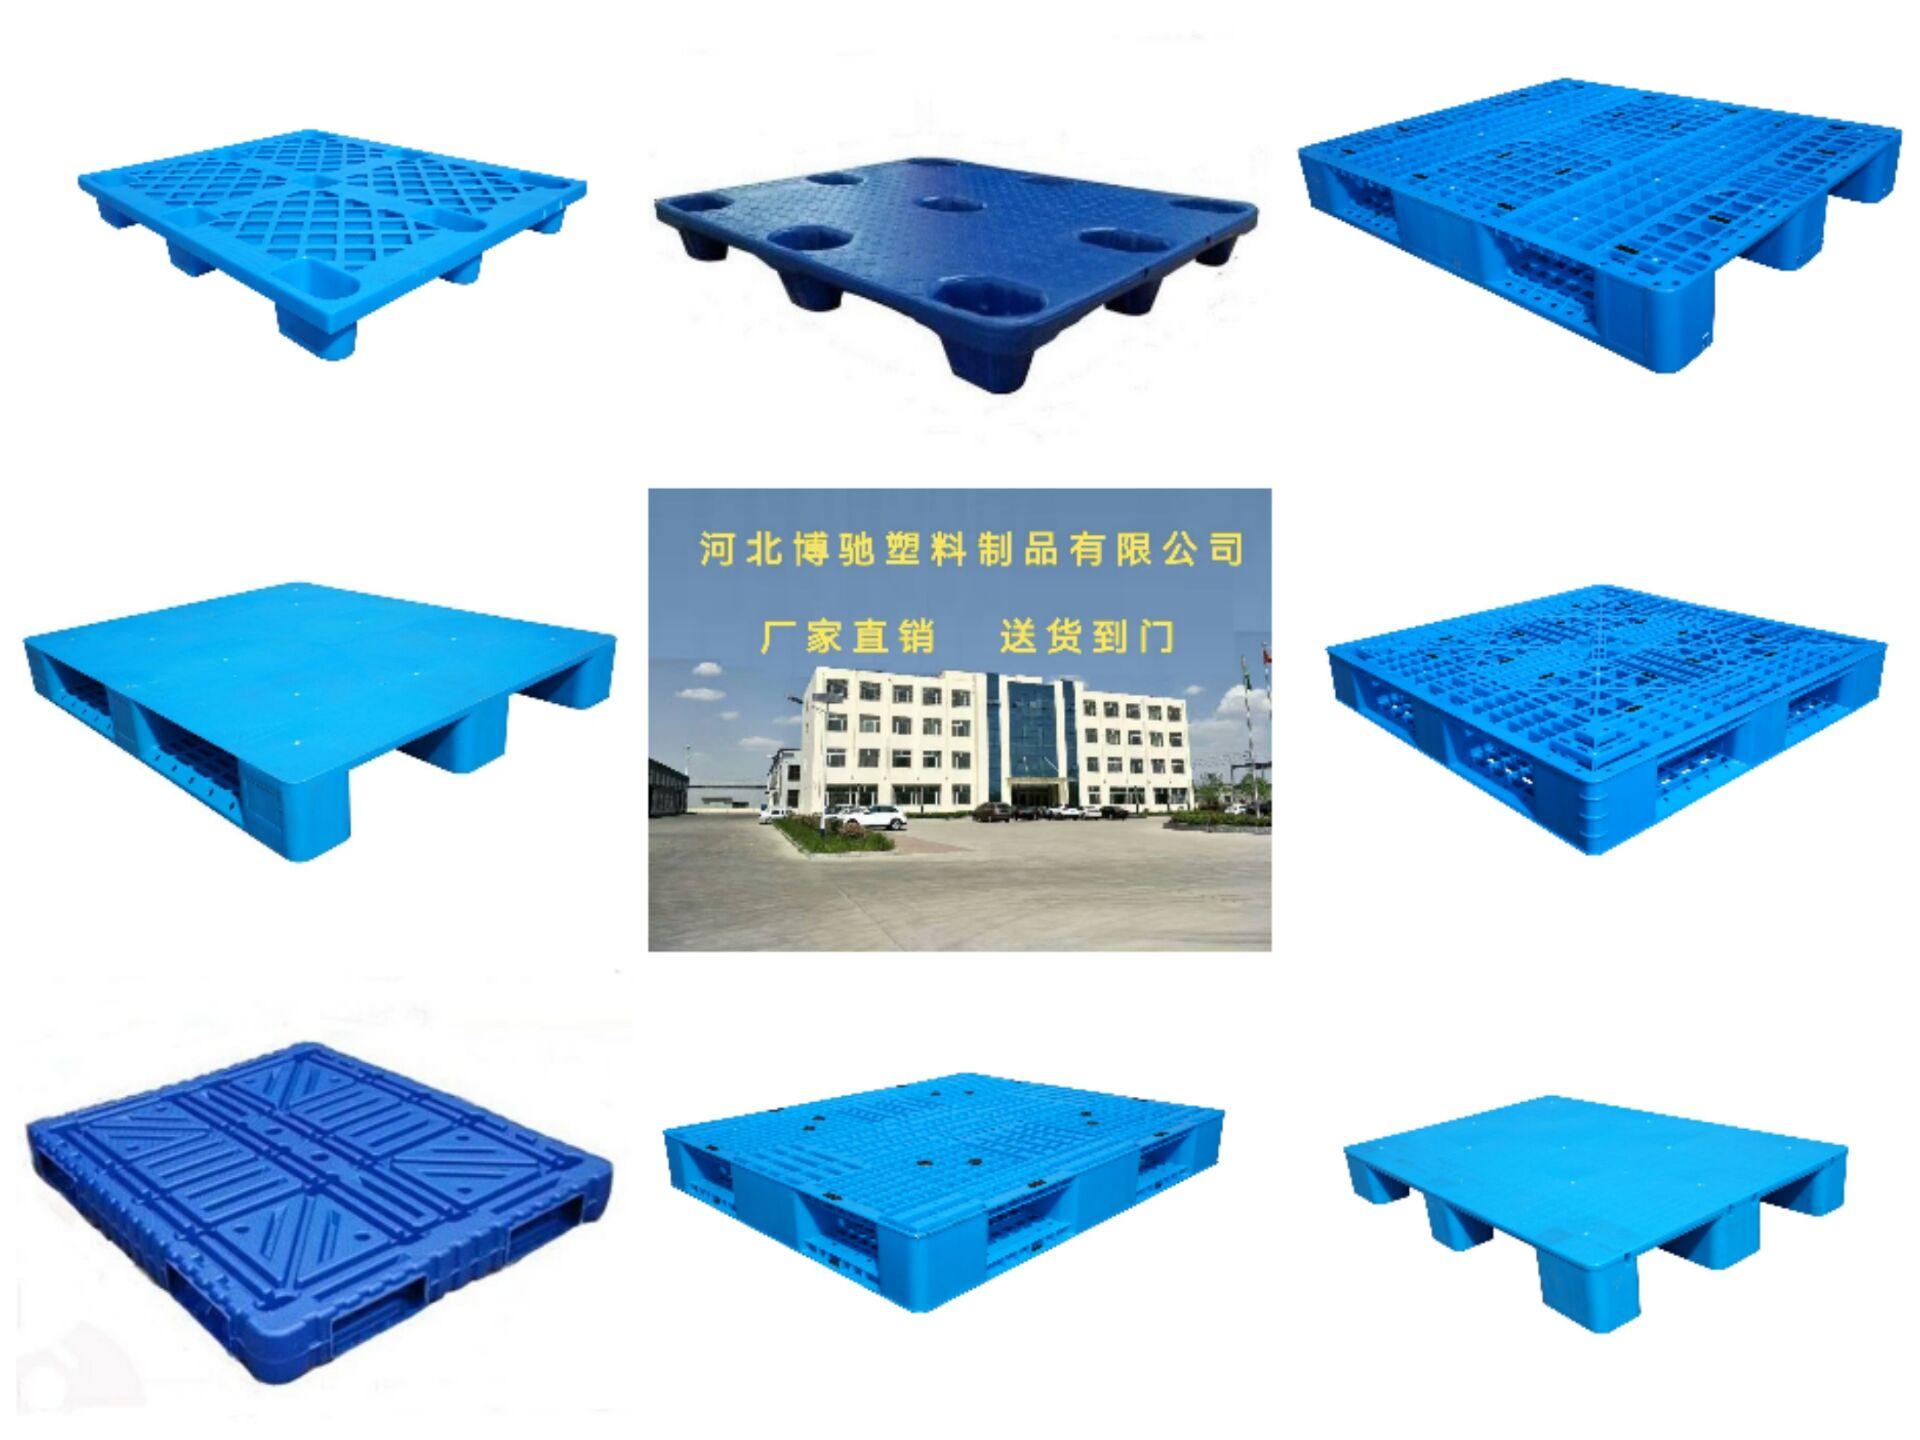 駐馬店塑料墊板,駐馬店塑料倉庫墊板,產品展示